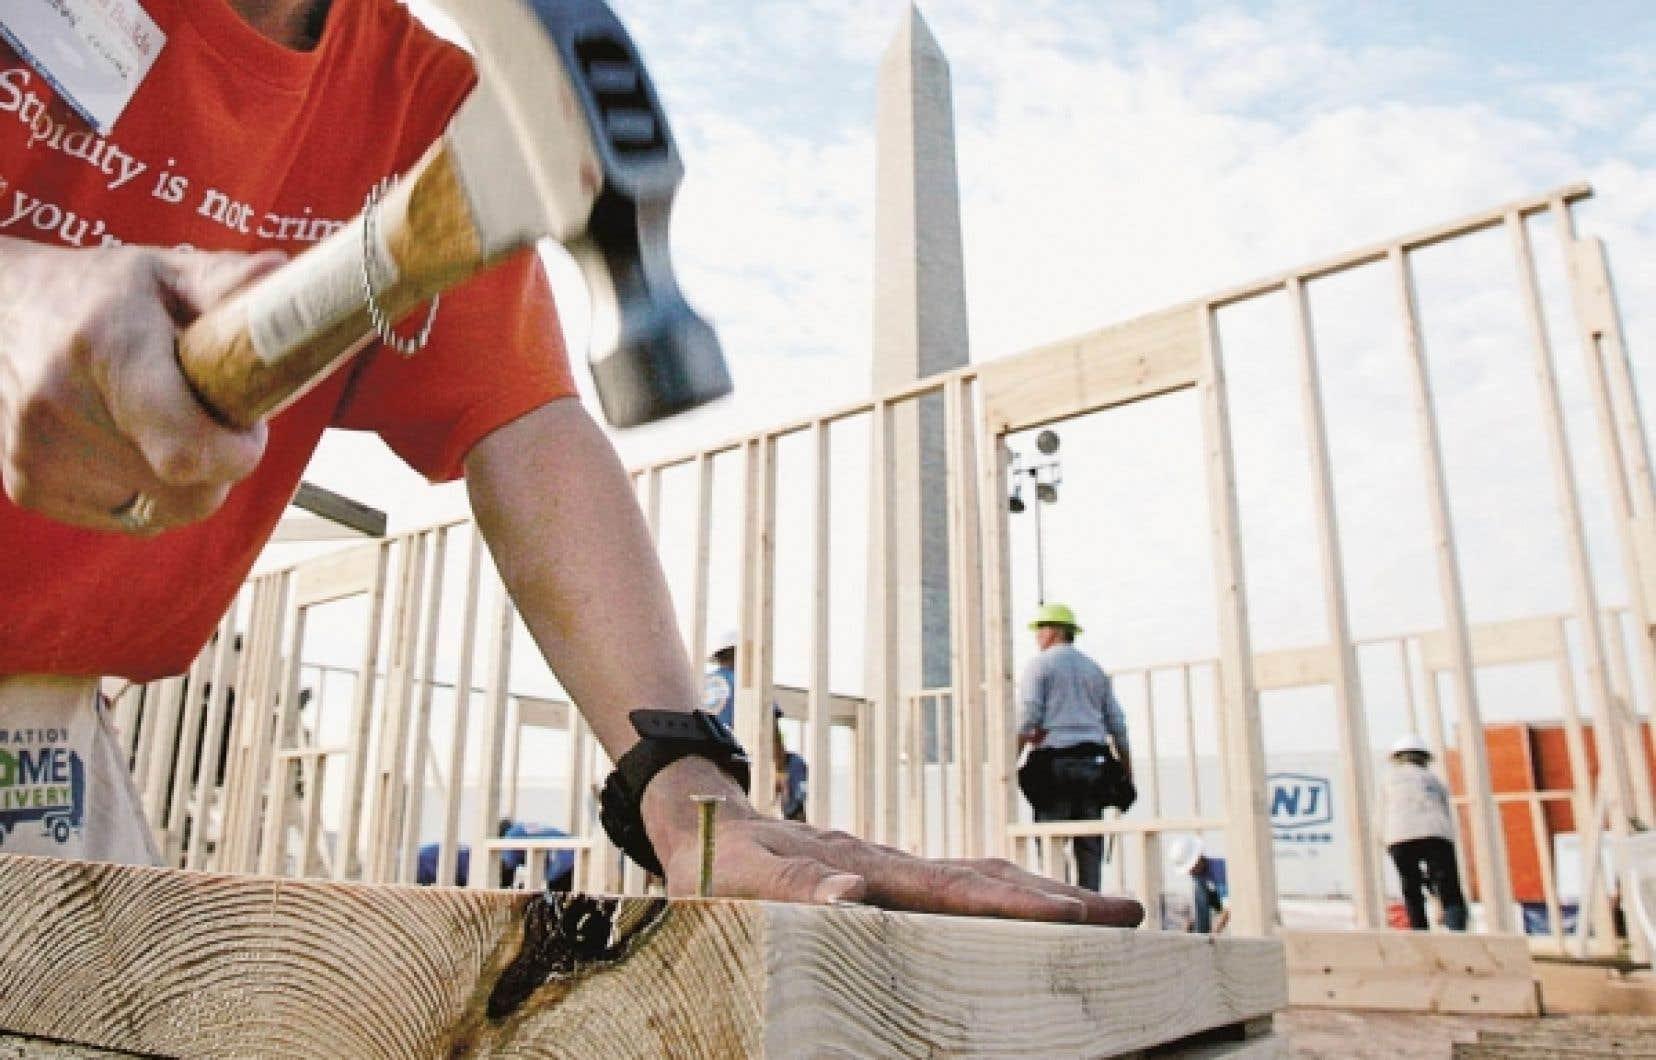 Au total, 2911 habitations ont été mises en chantier au Québec en janvier 2010 dans les centres de 10 000 habitants et plus, comparativement à 1997 habitations en janvier 2009.